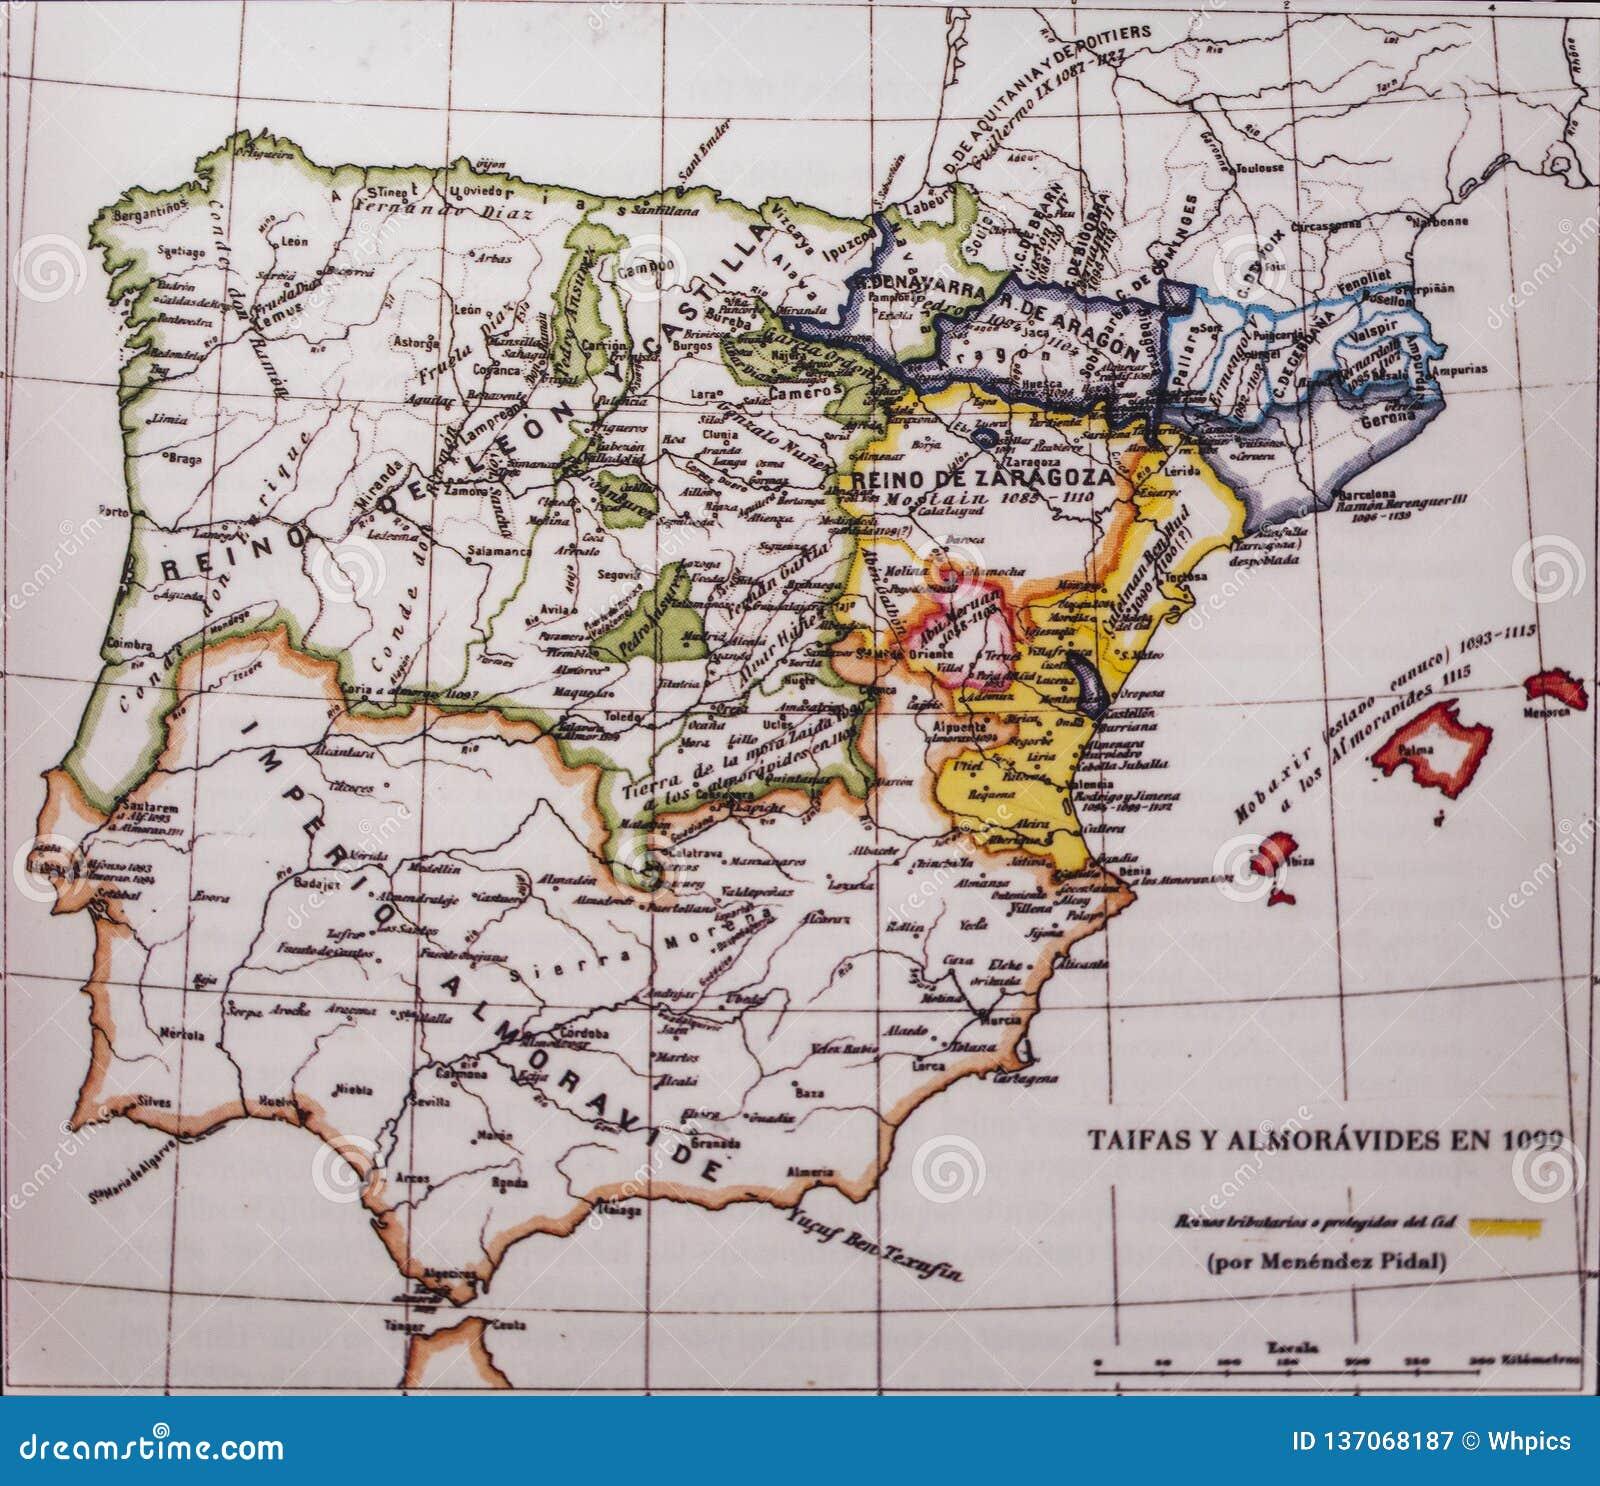 Mapa Da Peninsula Iberica 1099 Por Menendez Pidal Reinos E